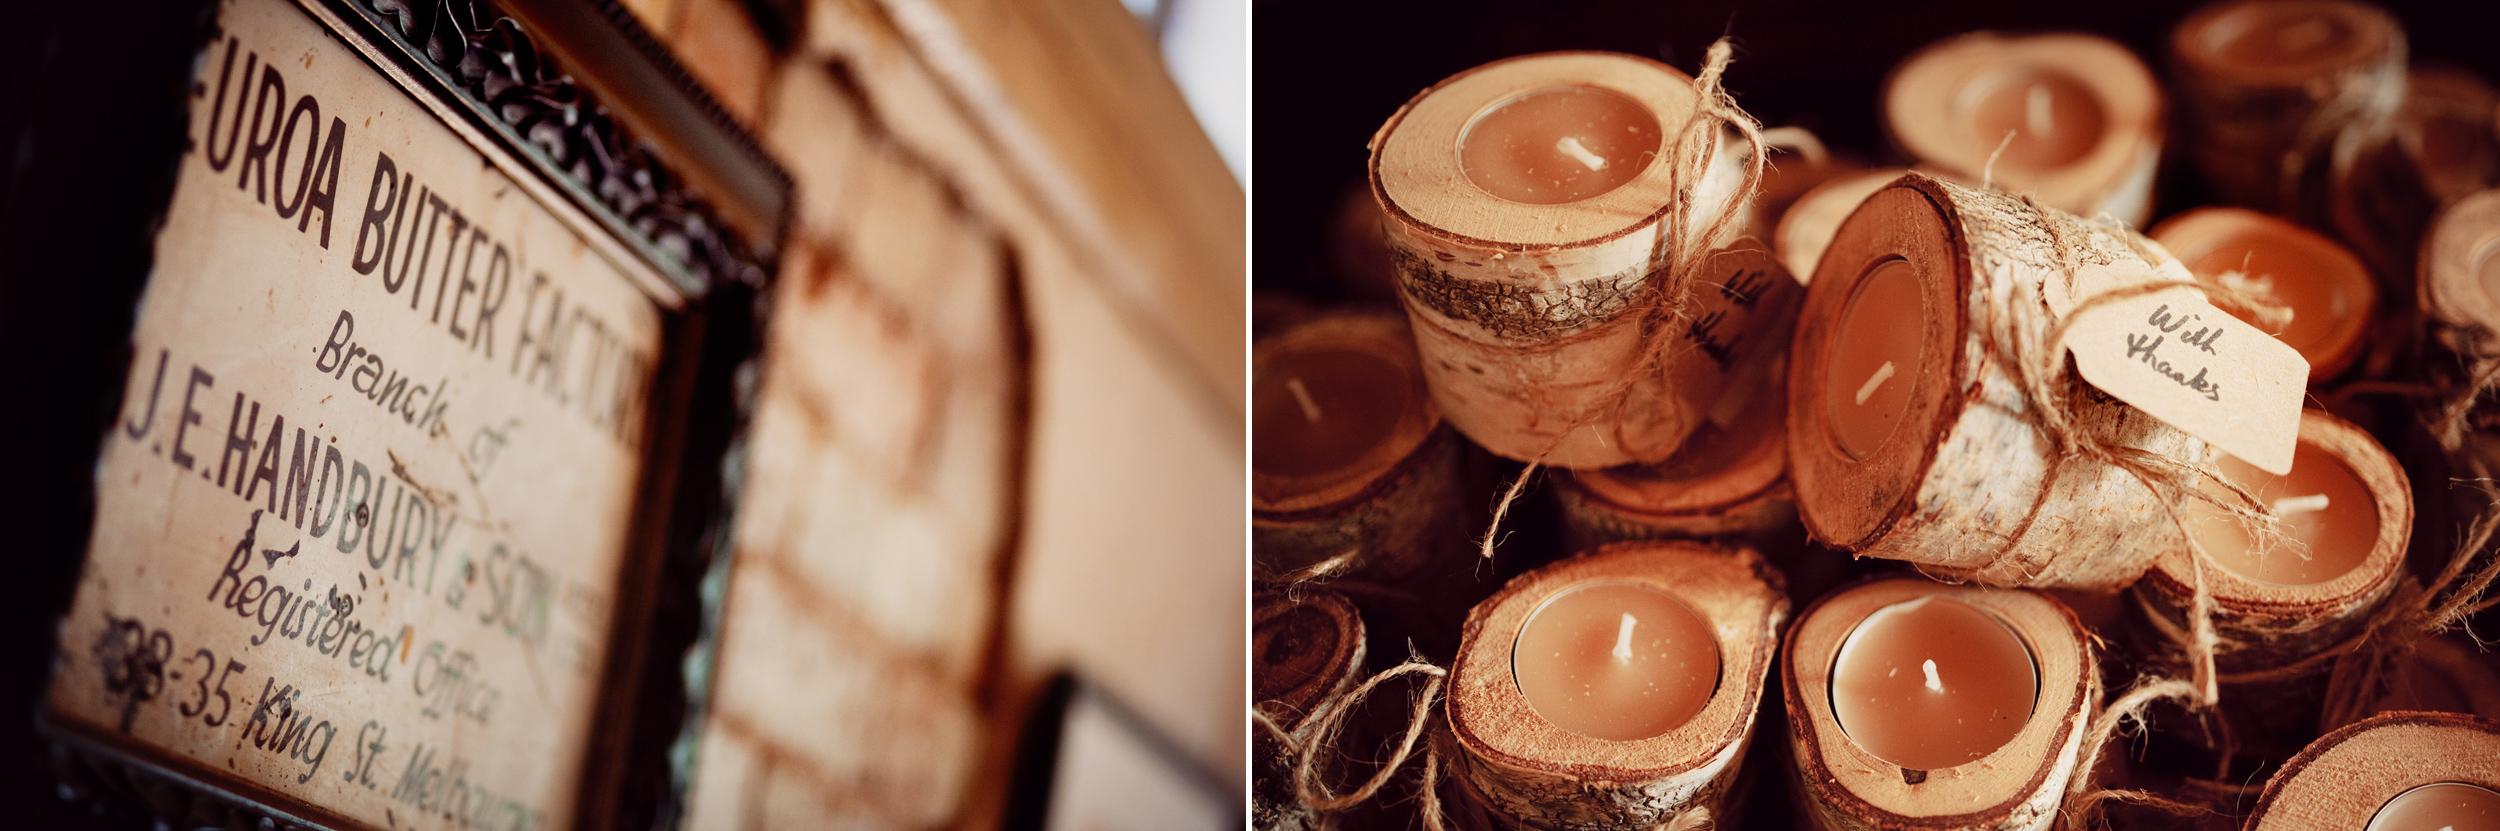 euroa_butter_factory_wedding_photography_85.jpg